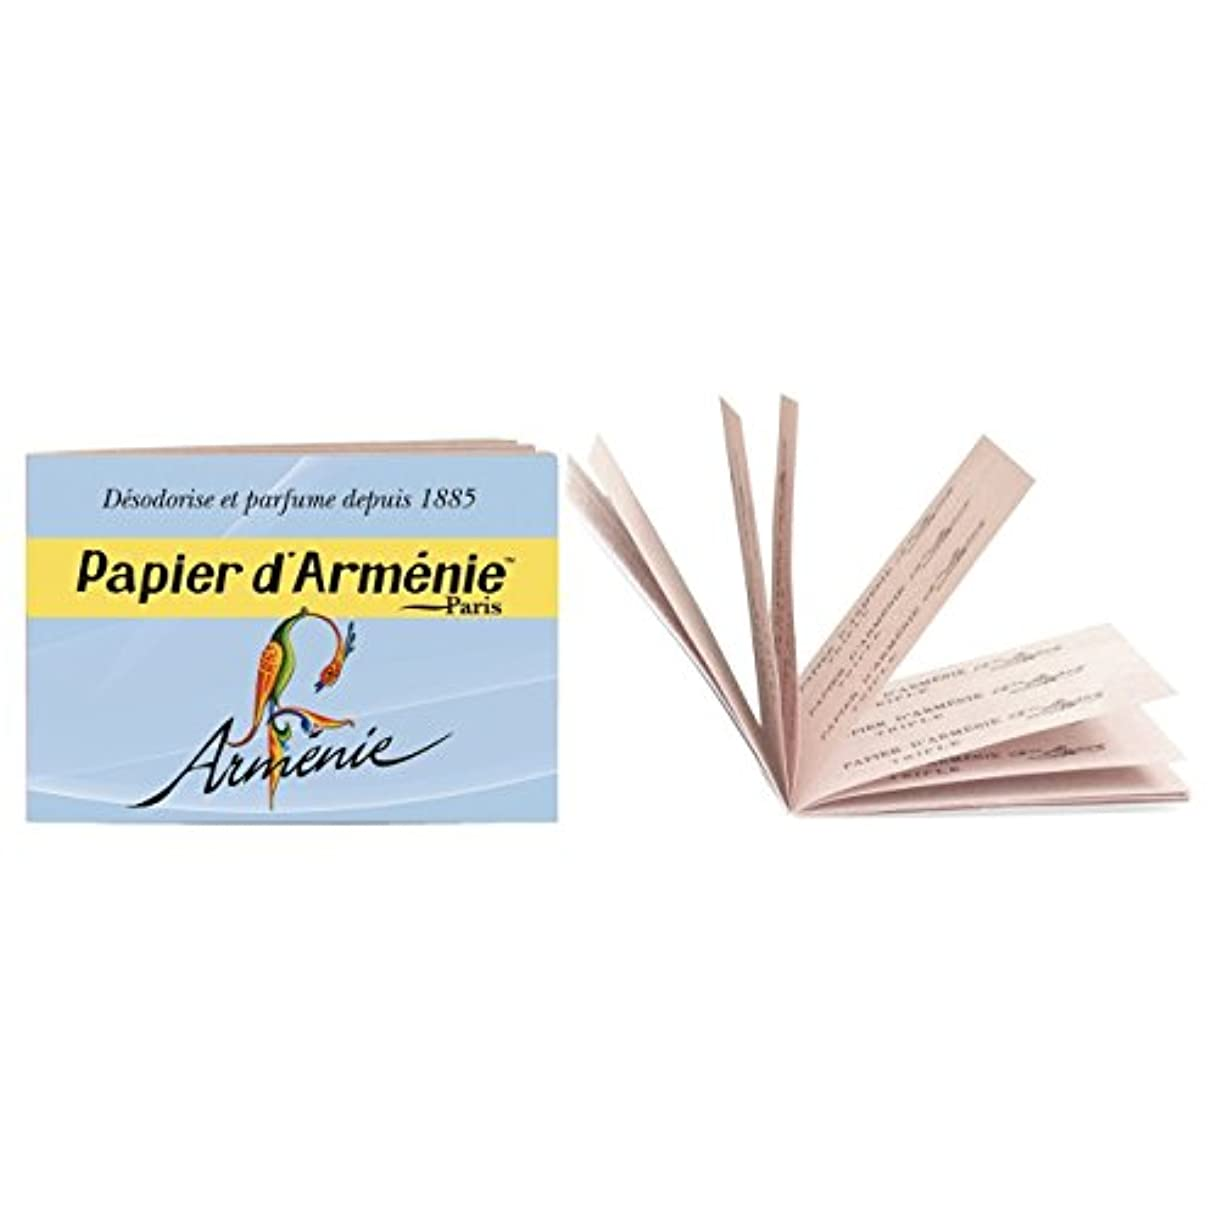 重要性報告書資源Papier d'Arménie パピエダルメニイ アルメニイ 紙のお香 フランス直送 [並行輸入品]